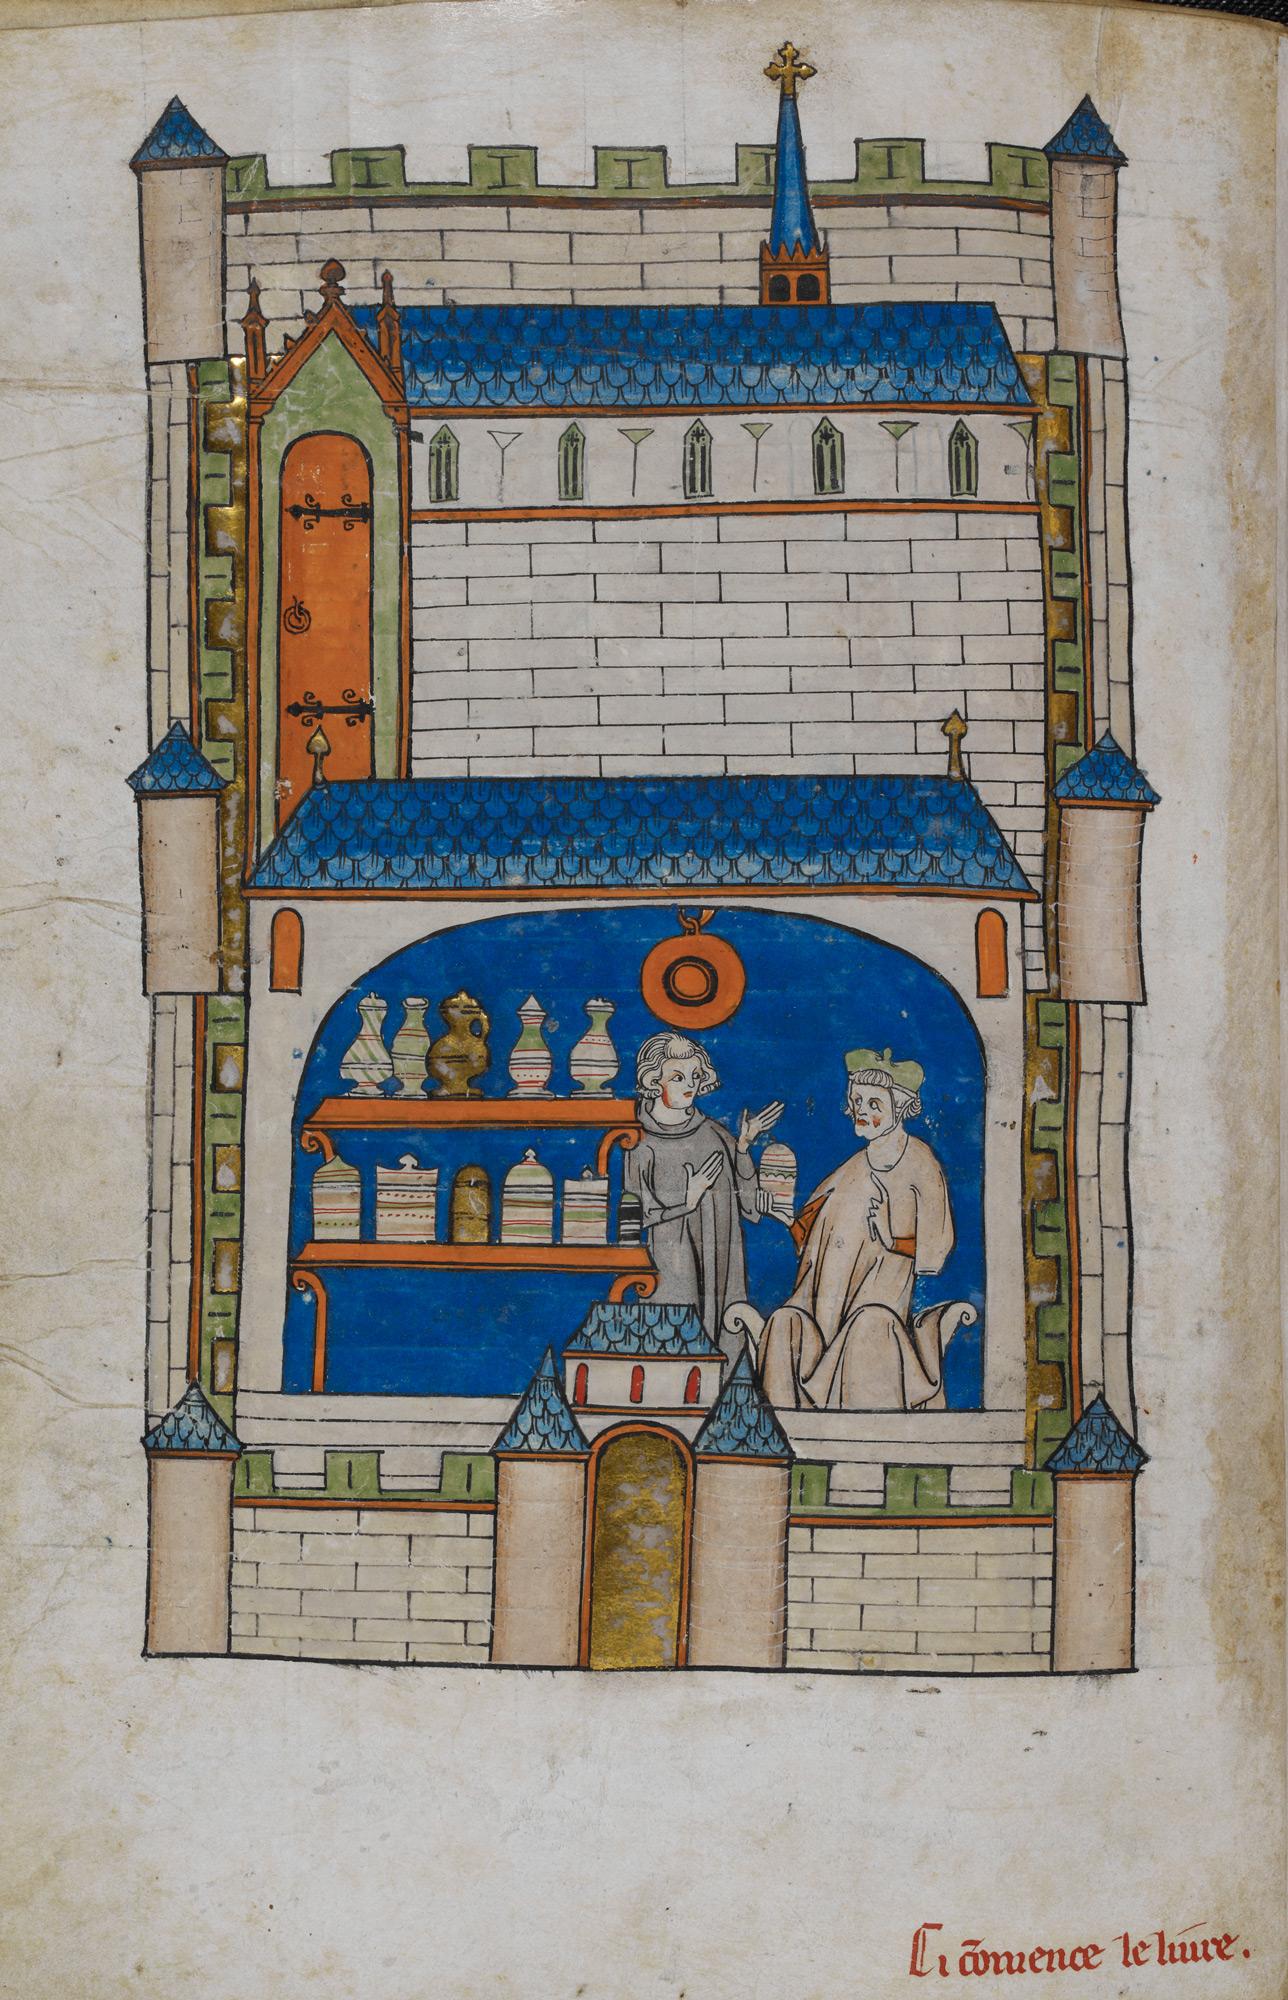 An apothecary shop